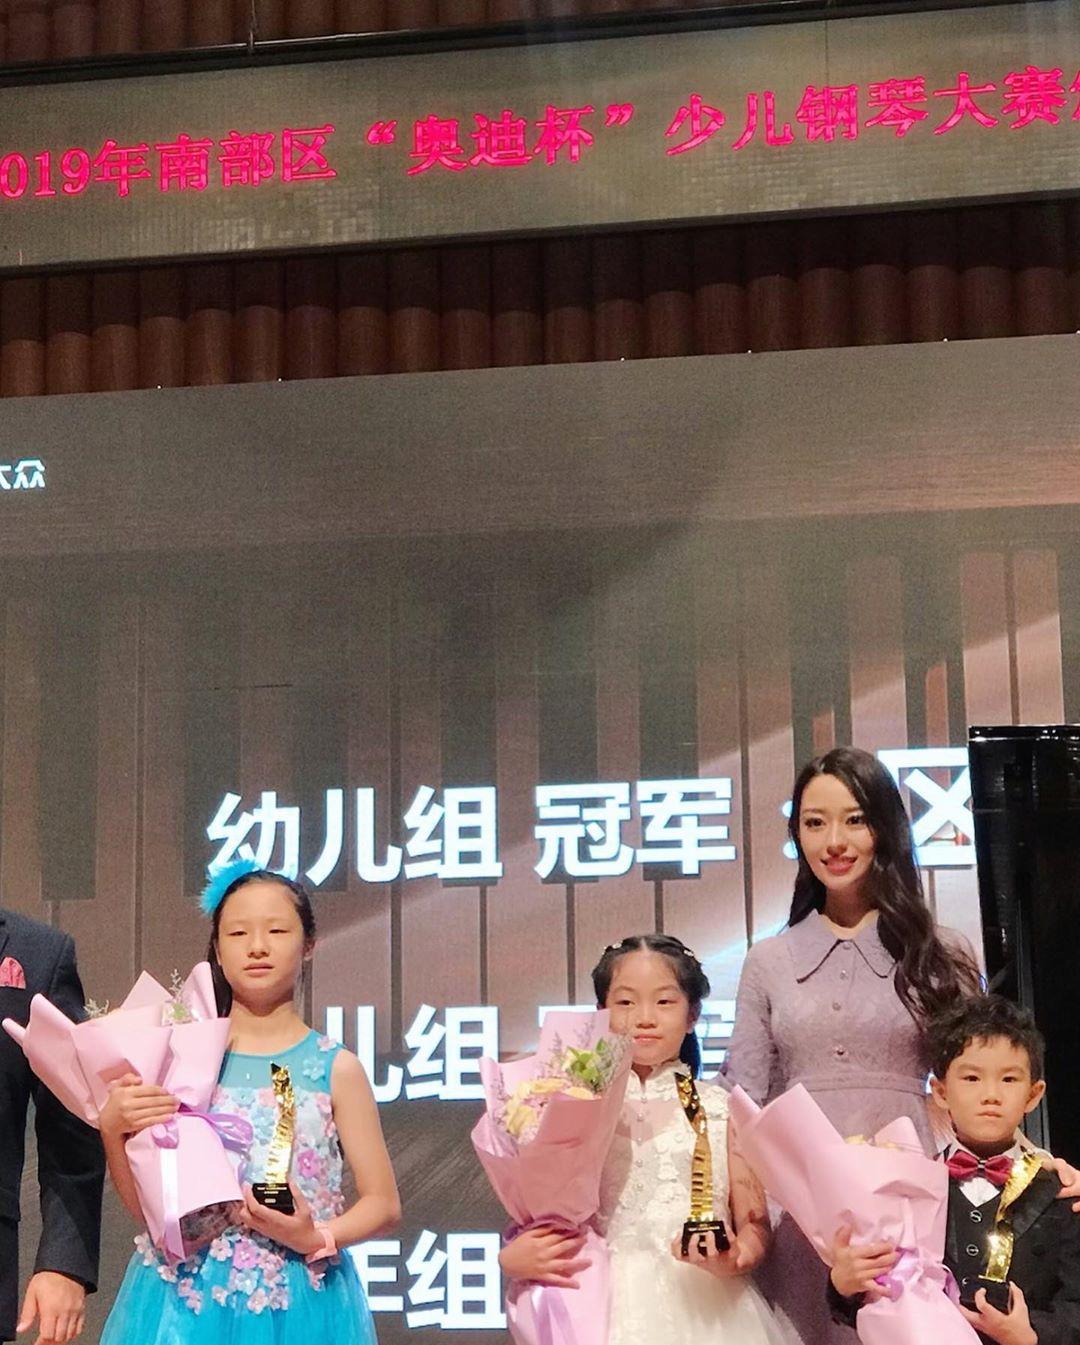 郎朗「仙女老婆」撞臉一堆夢幻女星 神背景《冰雪奇緣2》中文版是她唱的!